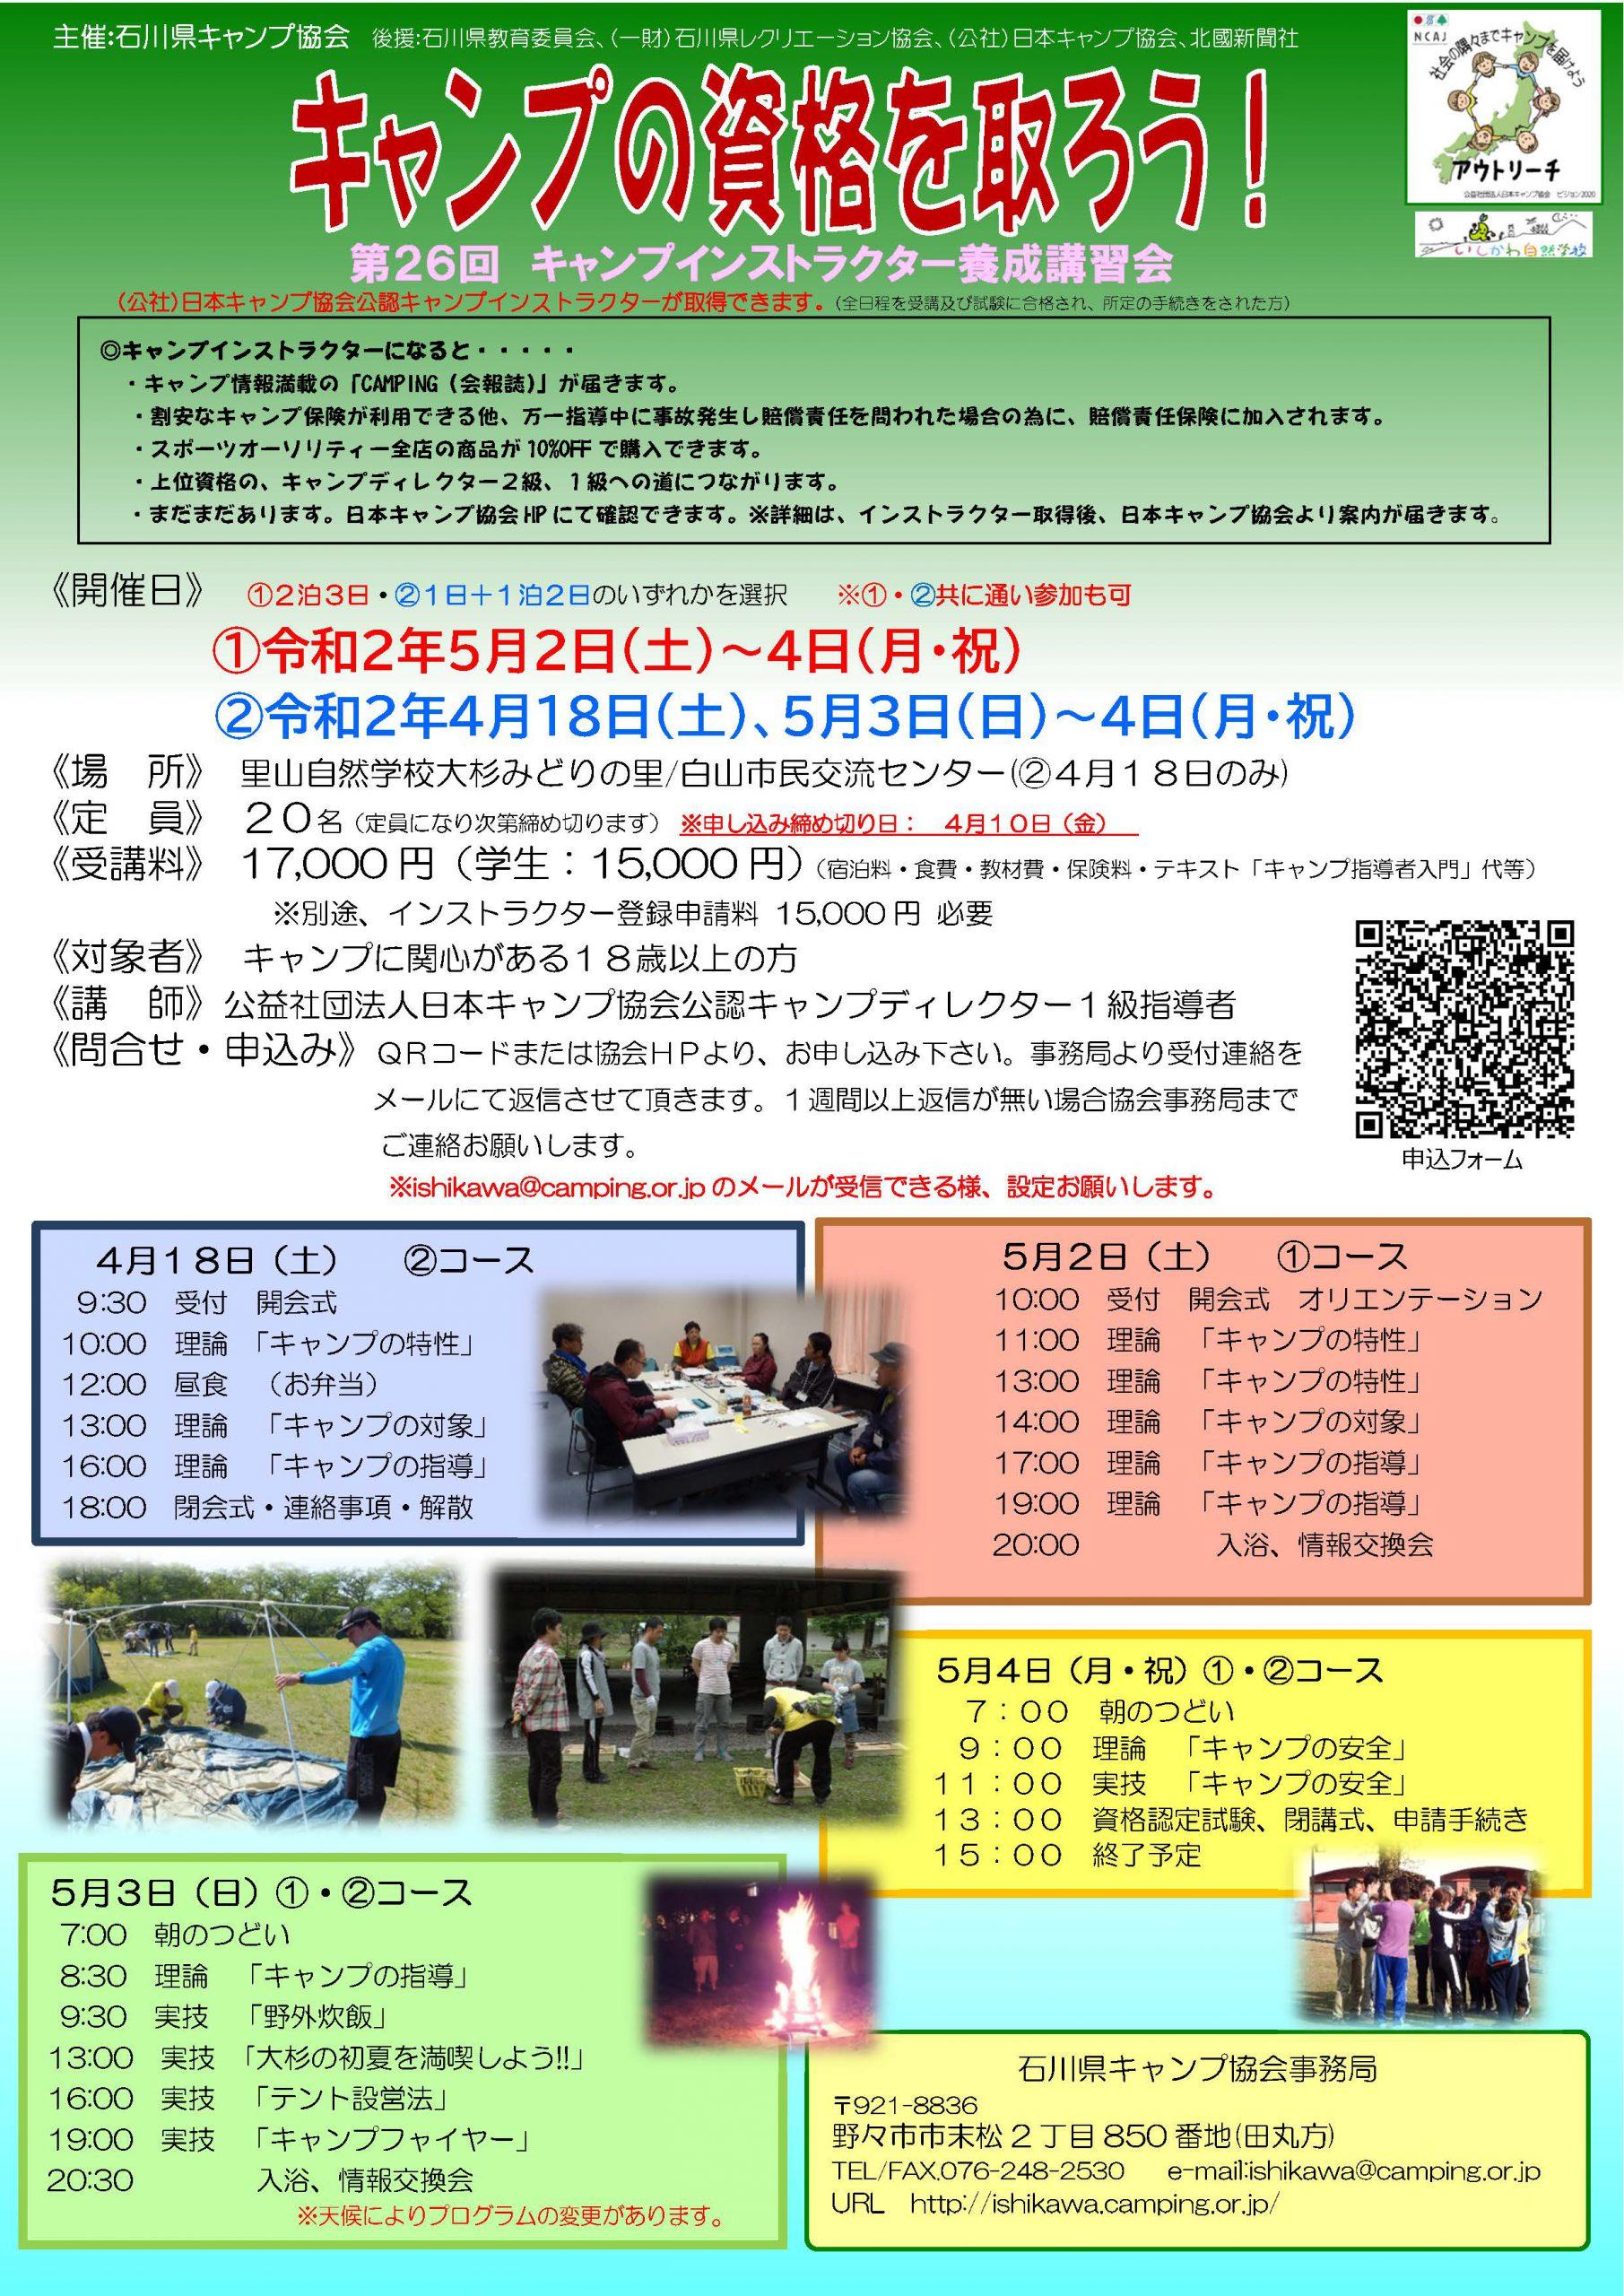 【中止】石川:キャンプインストラクター養成講習会(5/2~4) @ 里山自然学校大杉みどりの里